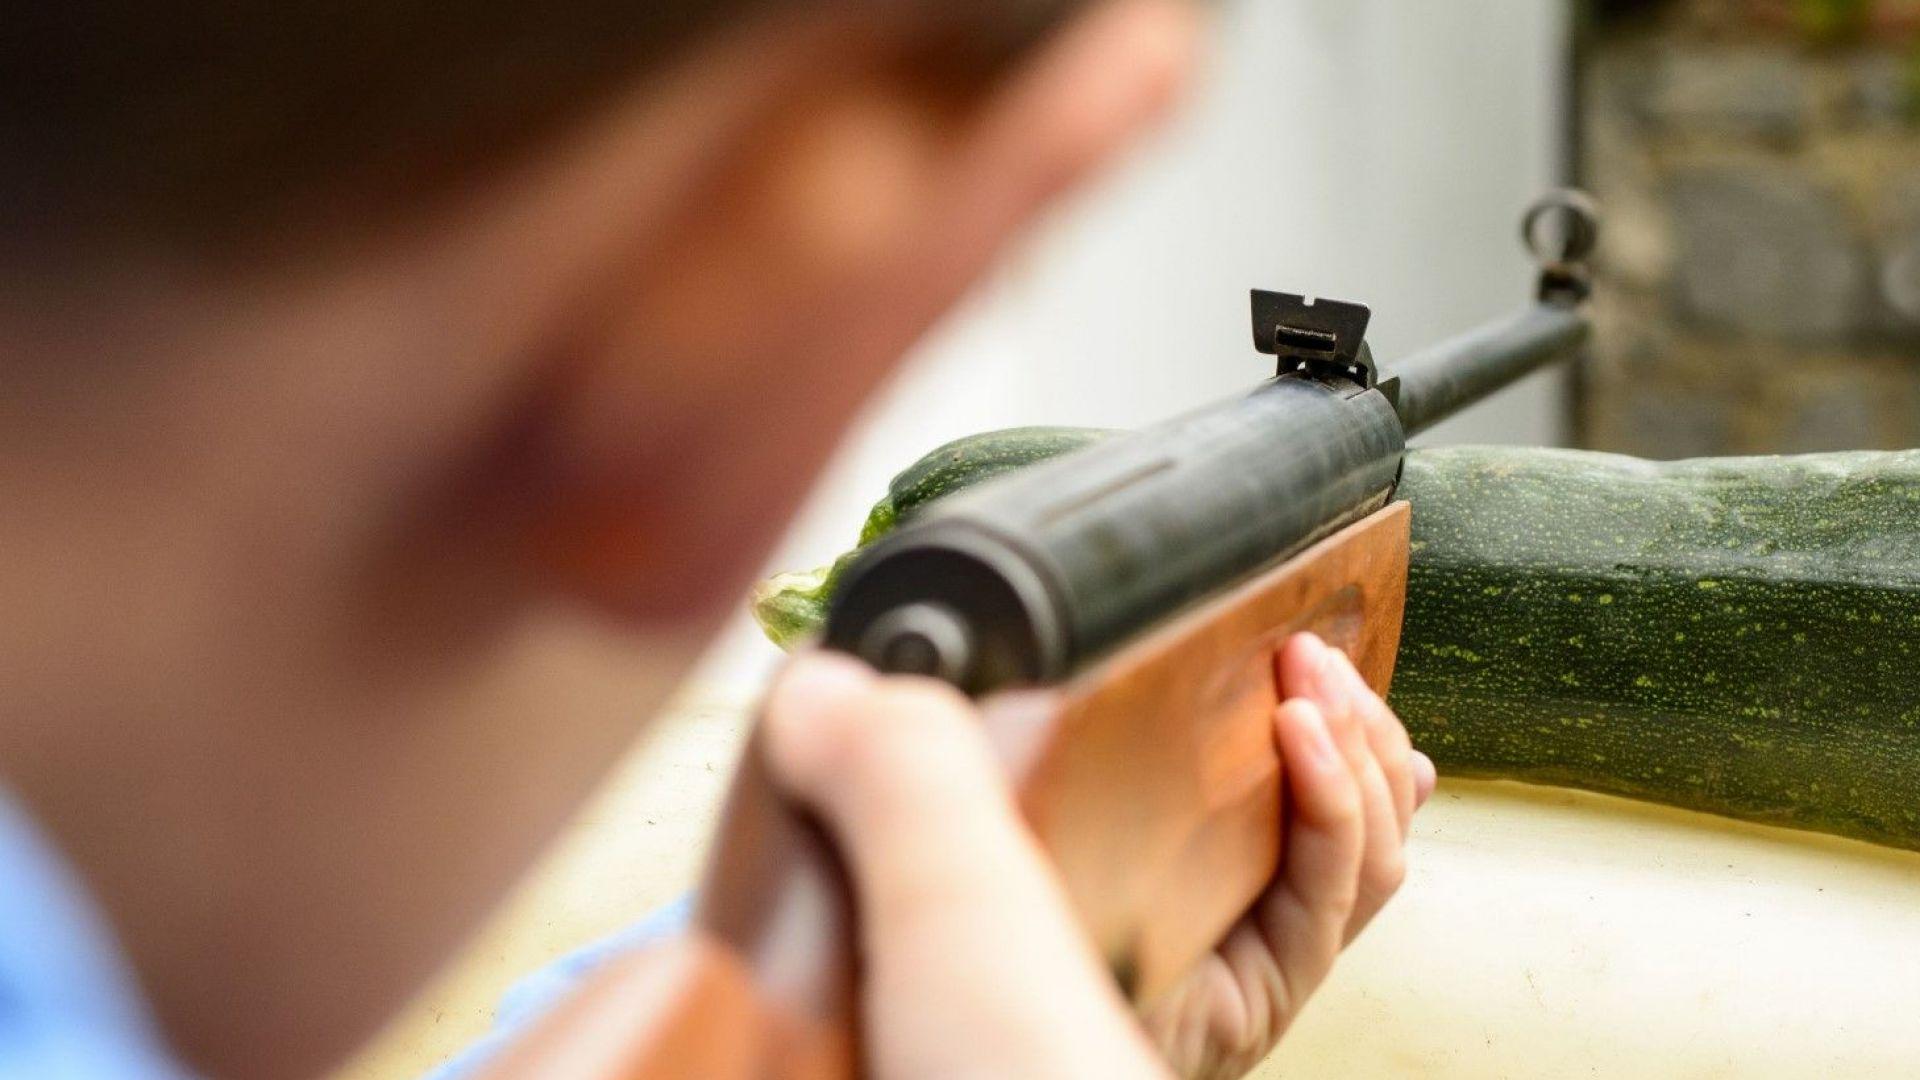 16-годишен простреля връстник в шията